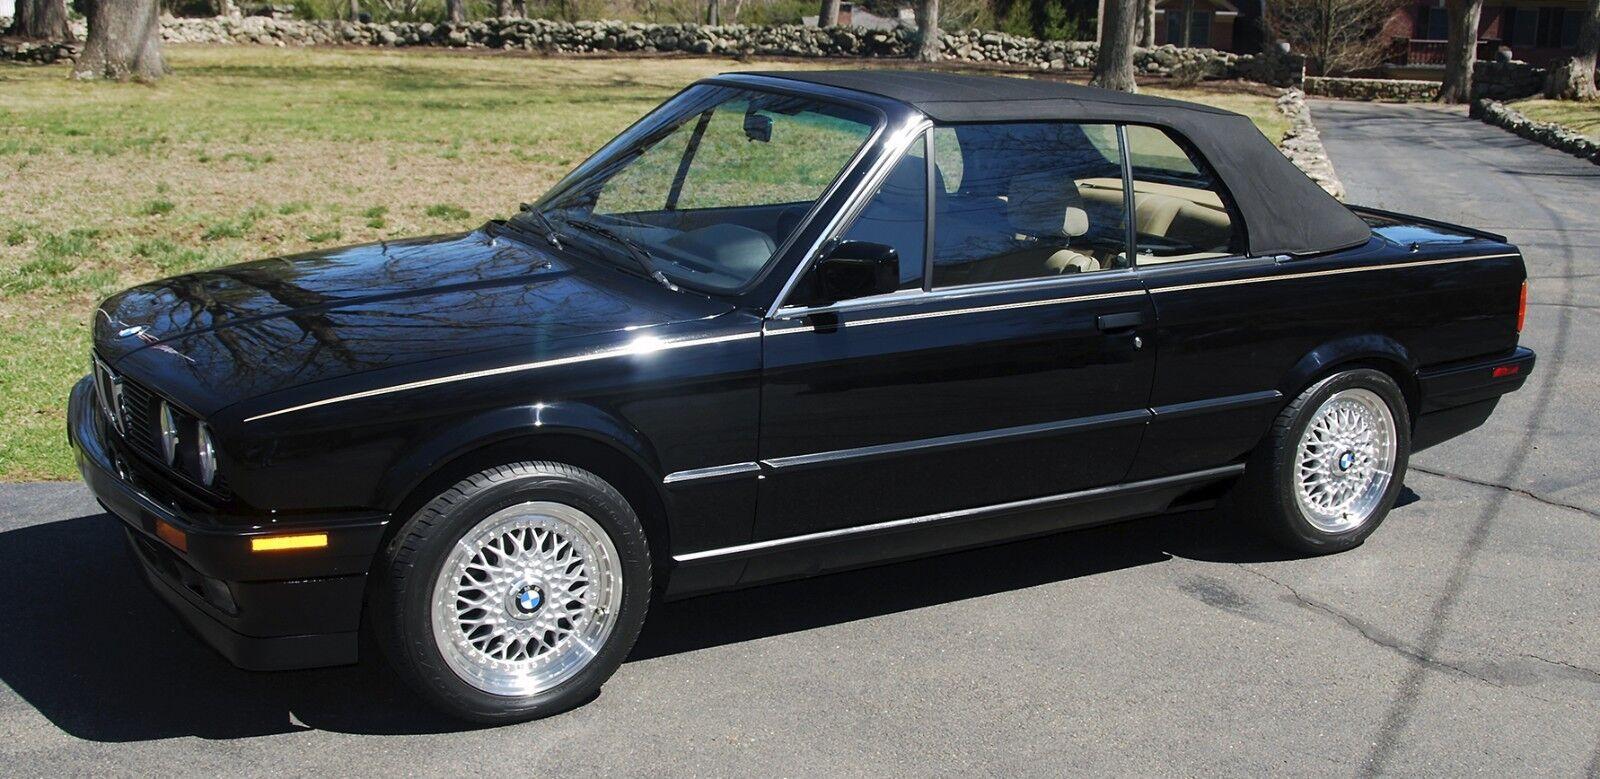 1992 Bmw 325i E30 Convertible